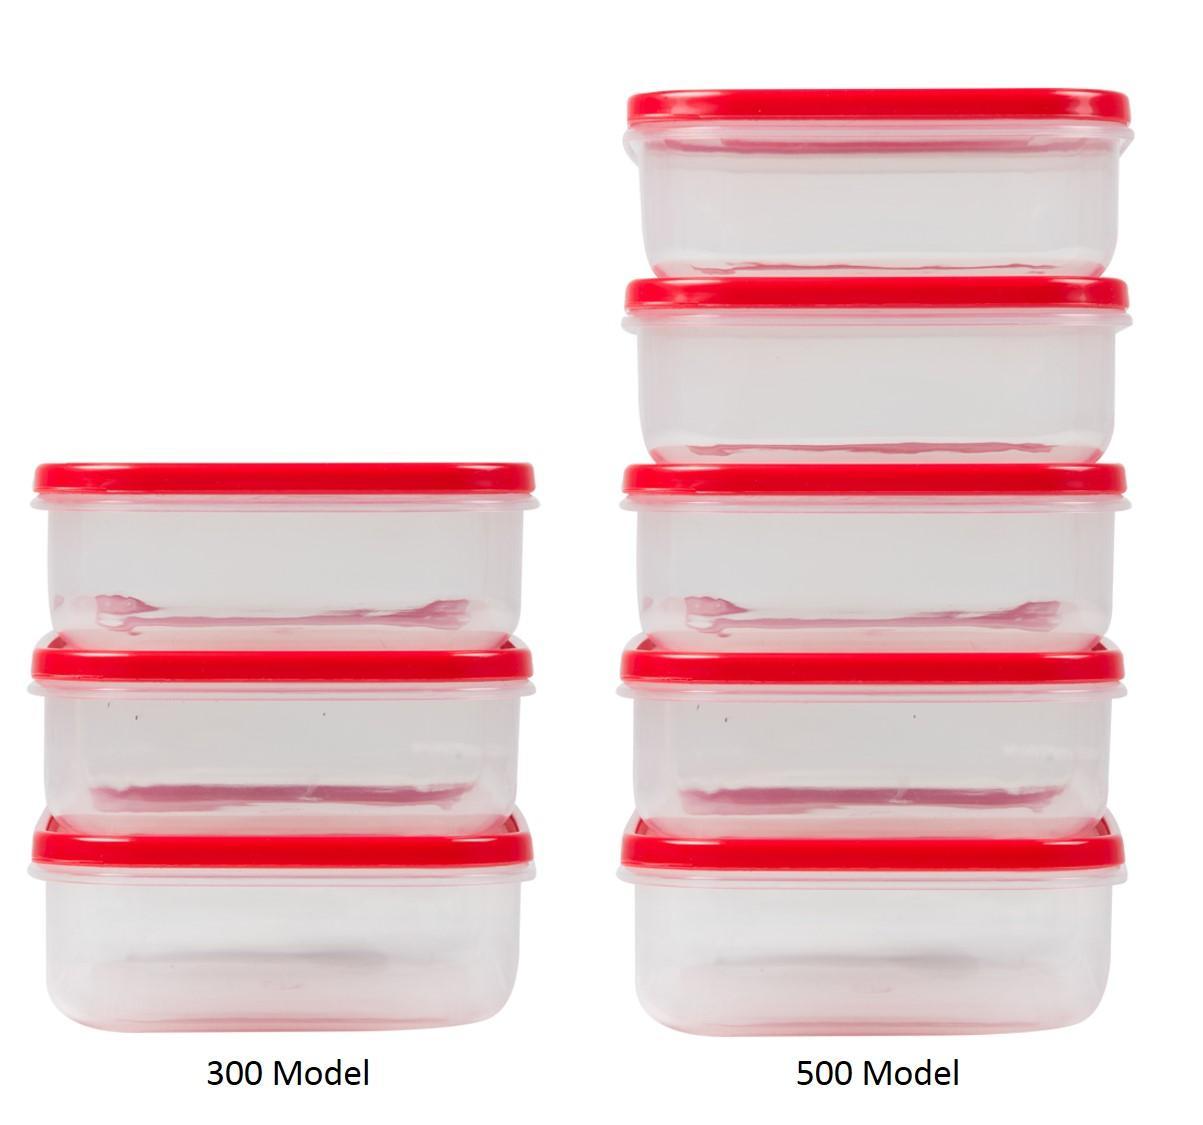 View larger  sc 1 st  Drawstring Sackpack & Meal Management Bag | HOT DEALS